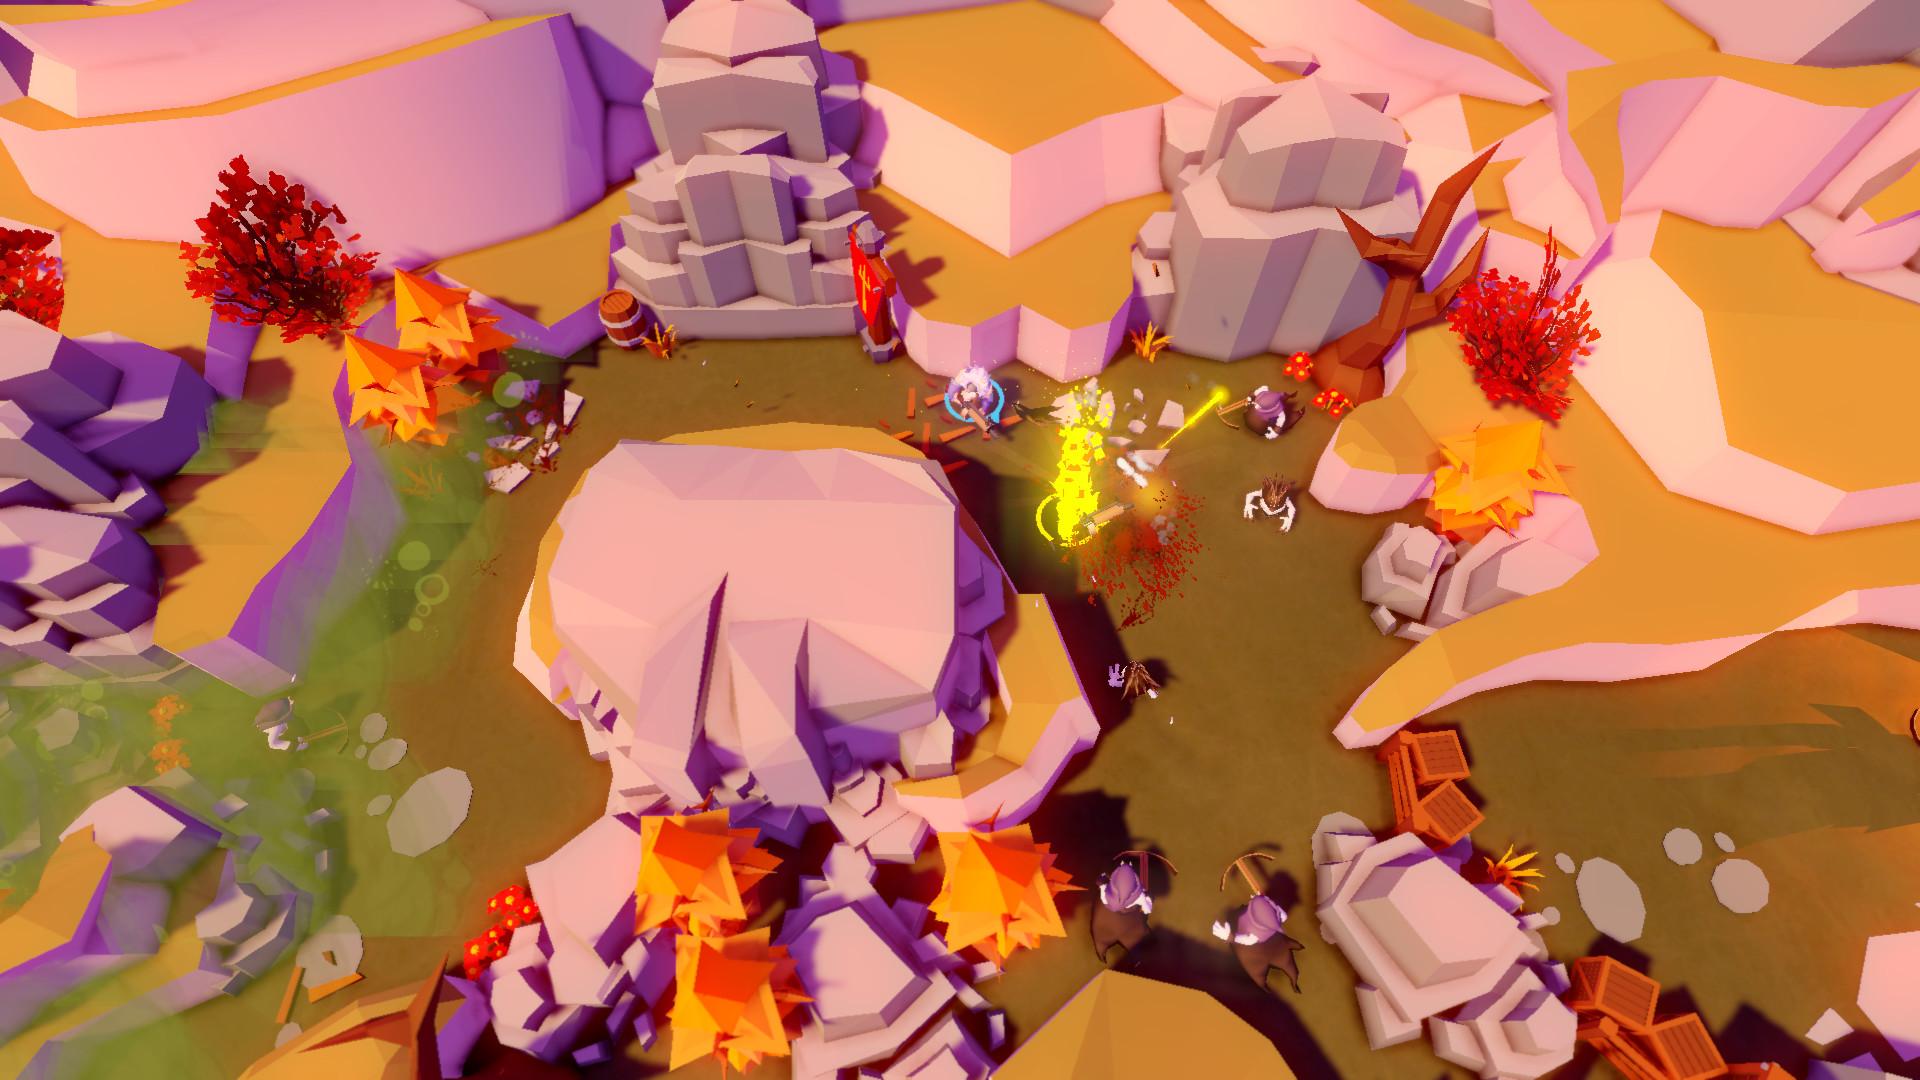 com.steam.371510-screenshot